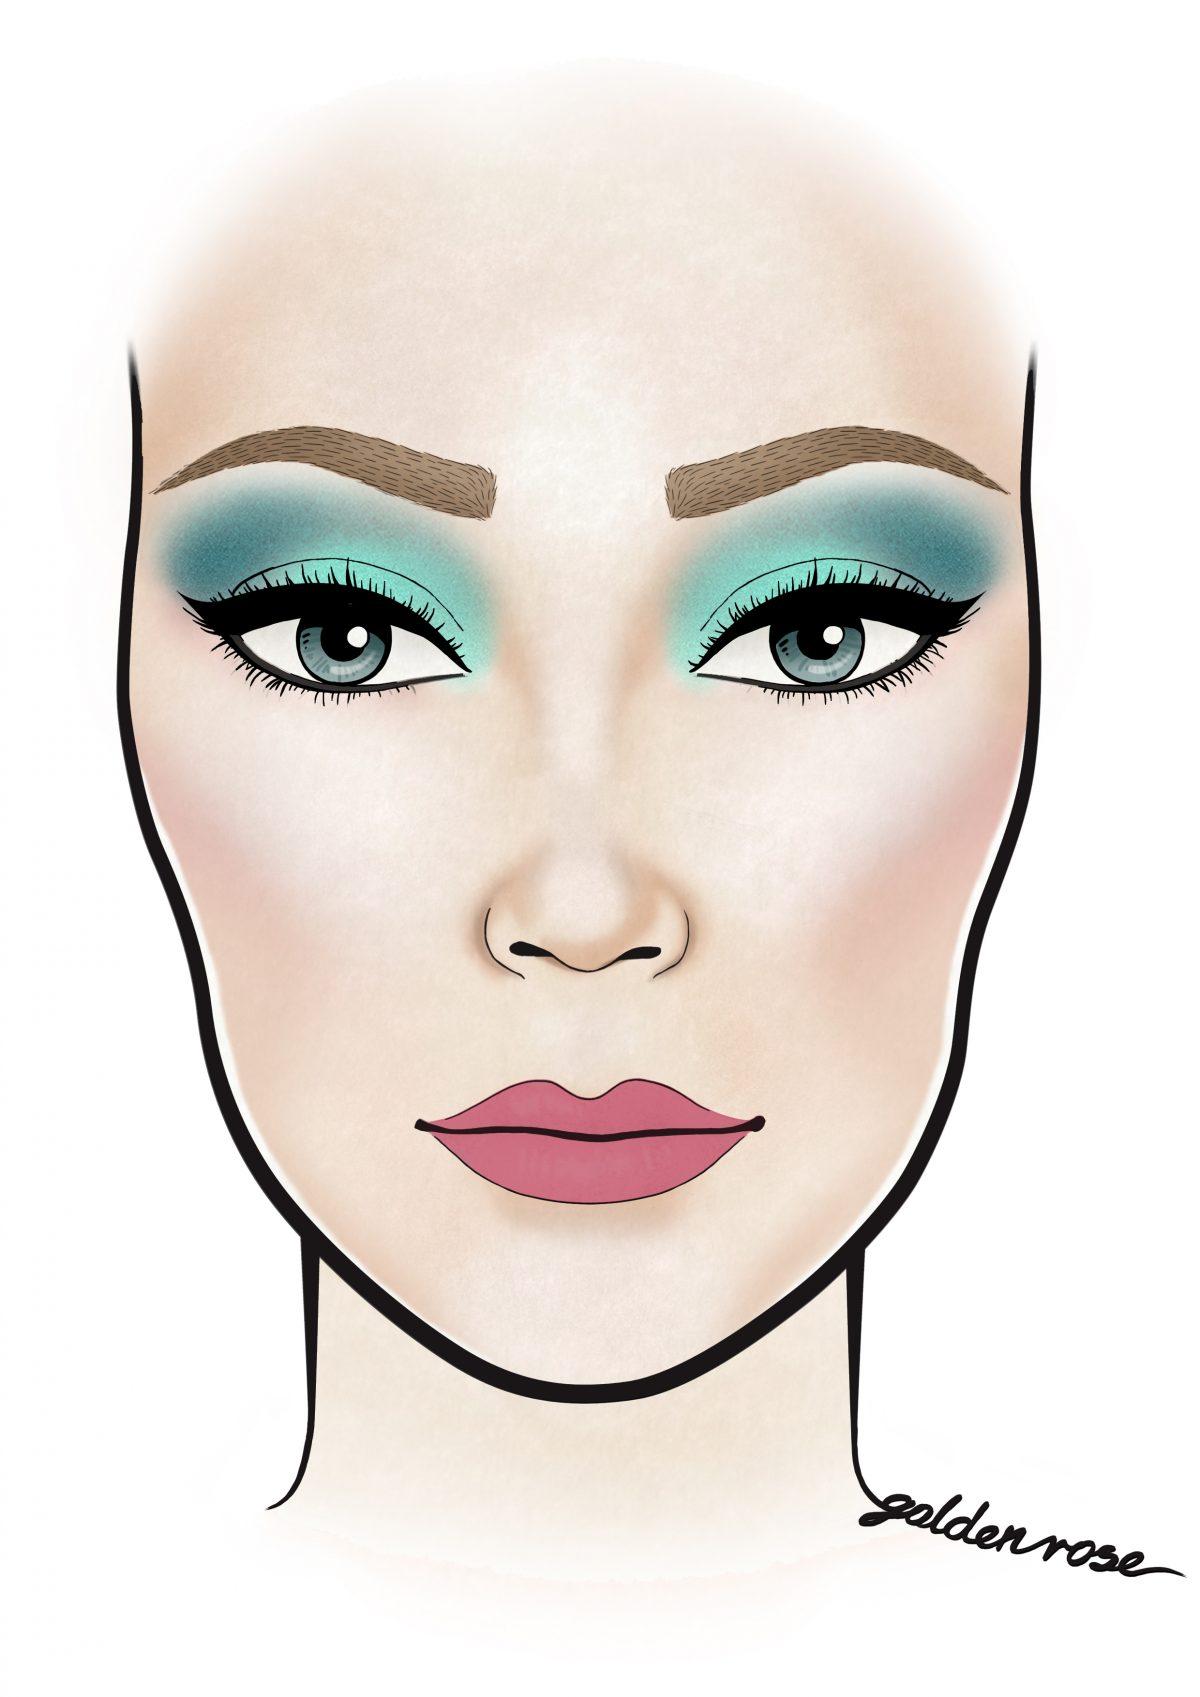 Wakacyjny makijaż! Przed Wami kolejne zadanie konkursowe. Dołącz do zabawy.